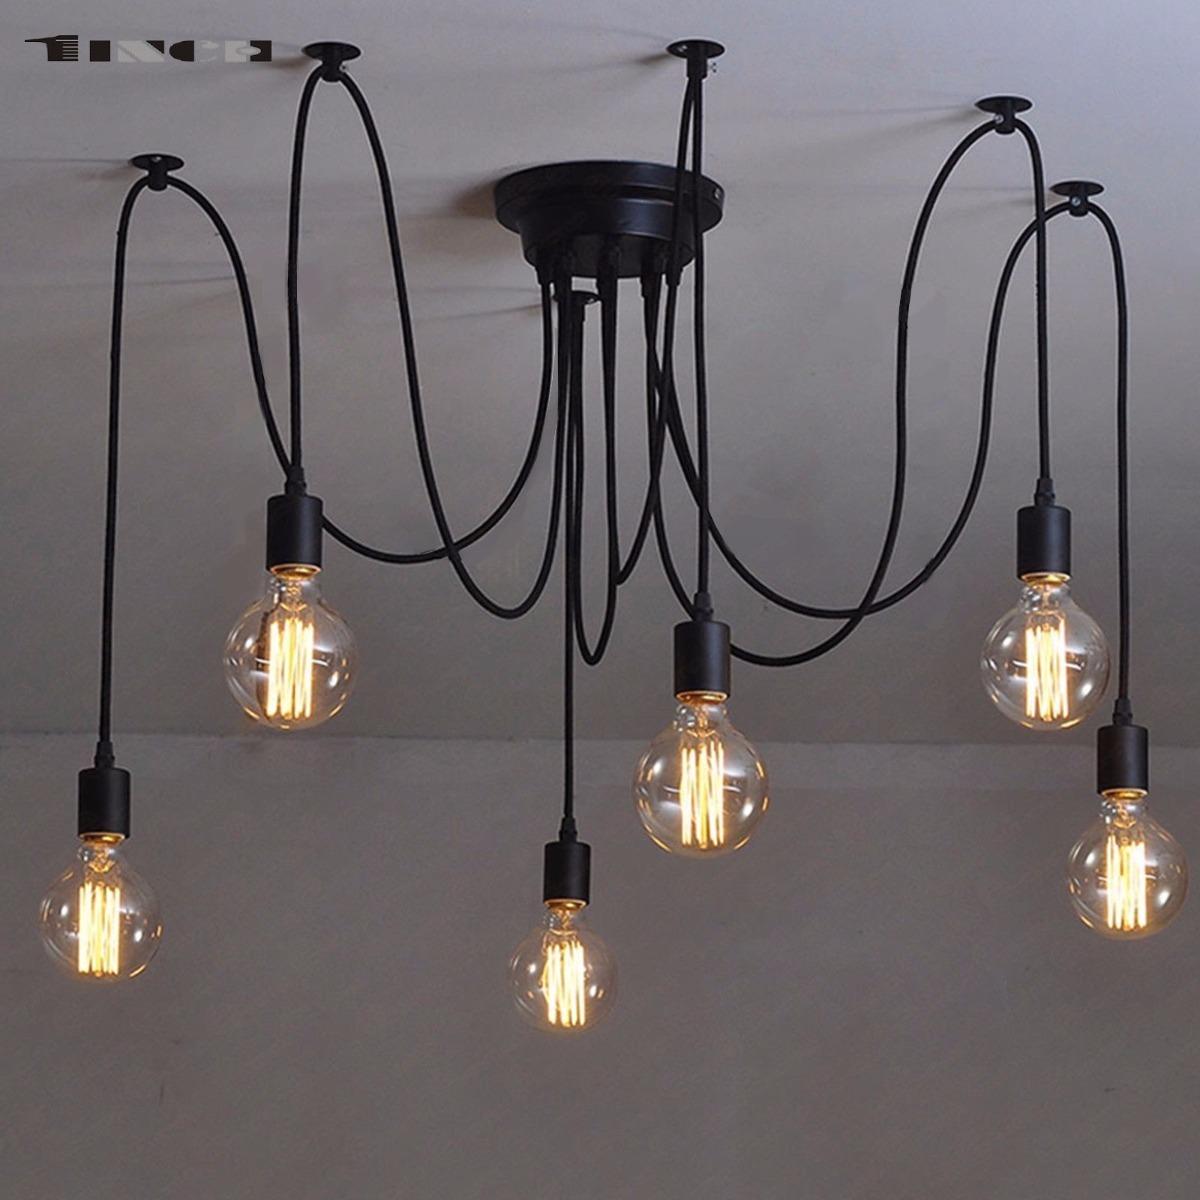 6 Colgante Industrial Edison Techo Lámpara De Focos Vintage 1FKclJ